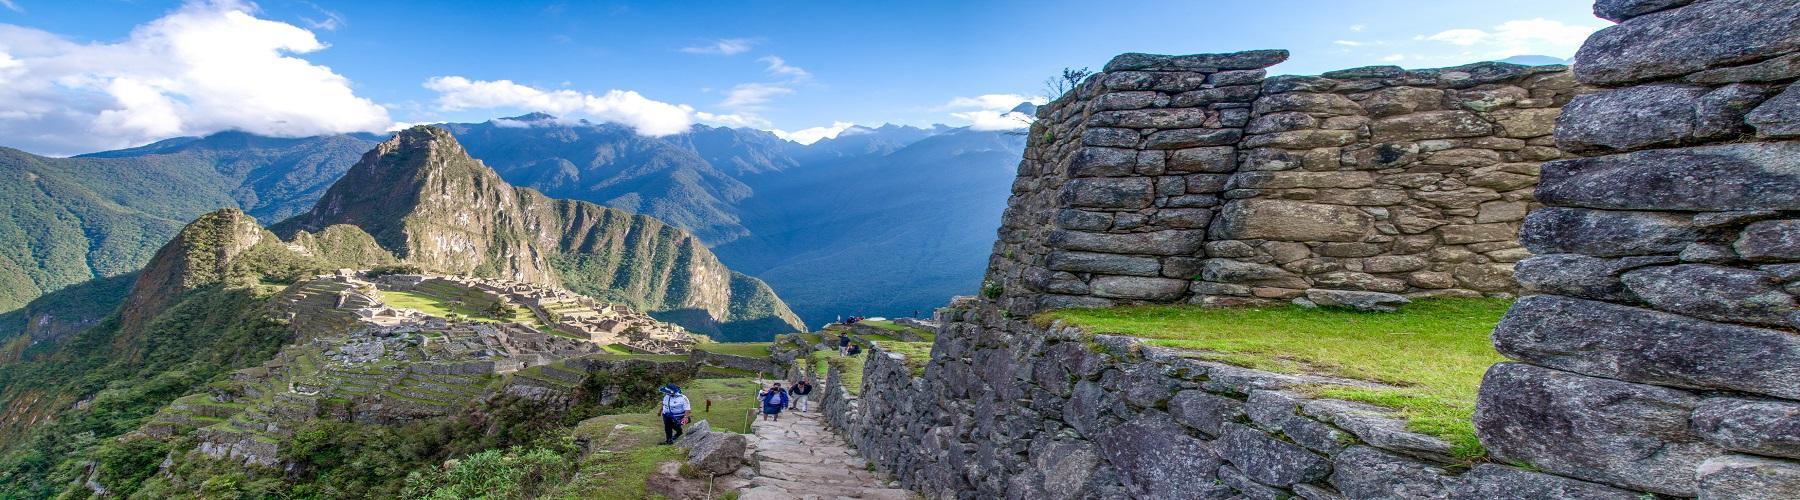 Путешествие в Перу, одна из самых экзотических и загадочных стран мира